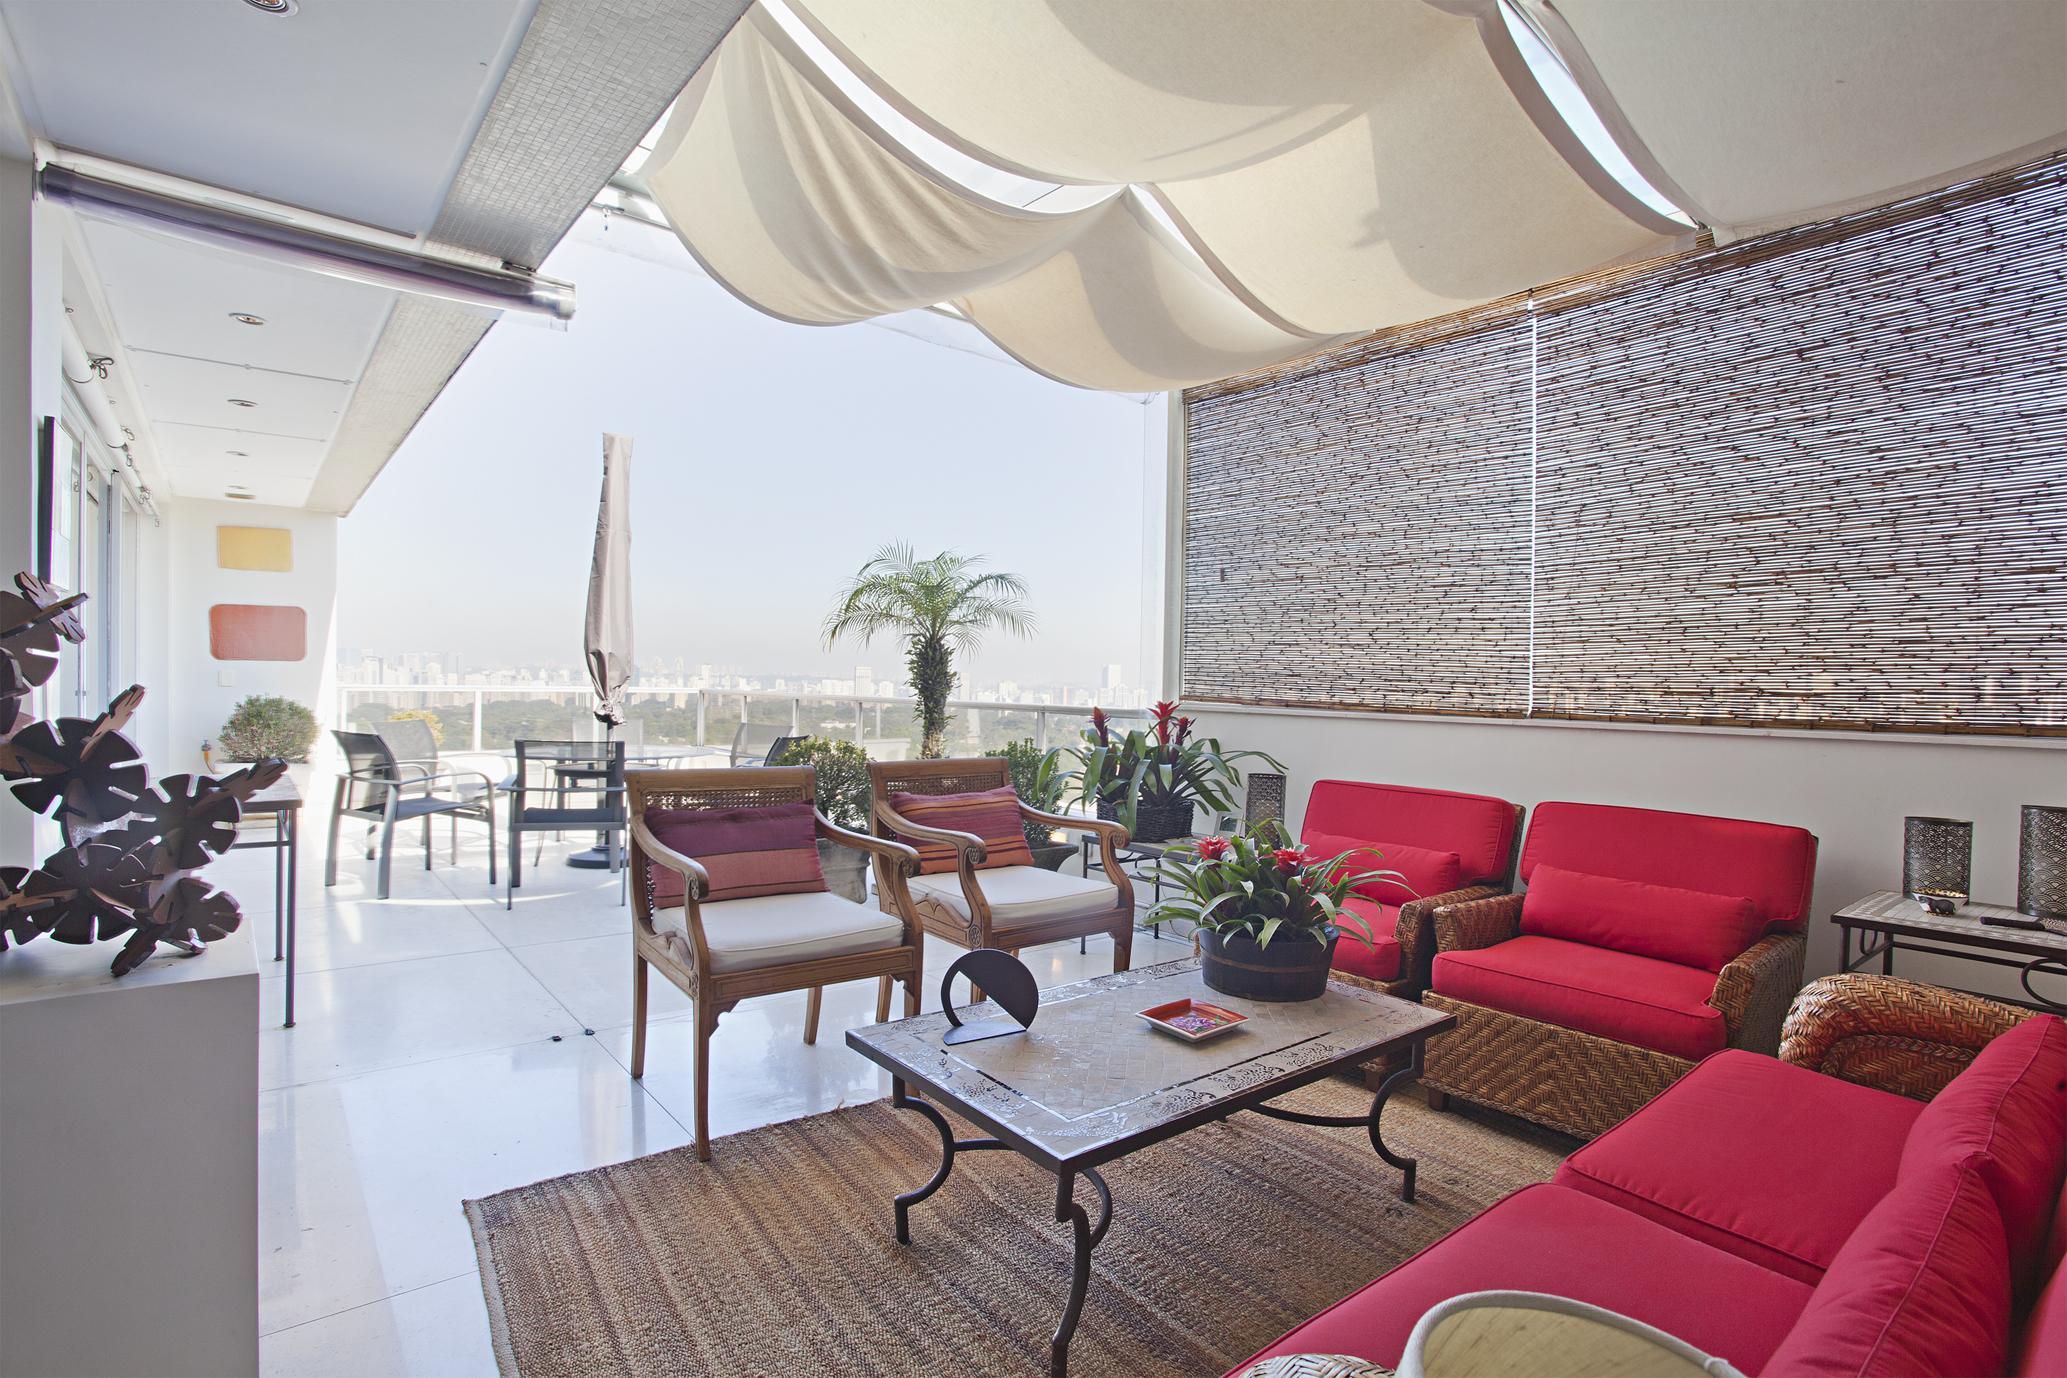 단독 가정 주택 용 매매 에 Villa Savoia Alameda Ministro Rocha Azevedo Sao Paulo, 상파울로, 01410003 브라질